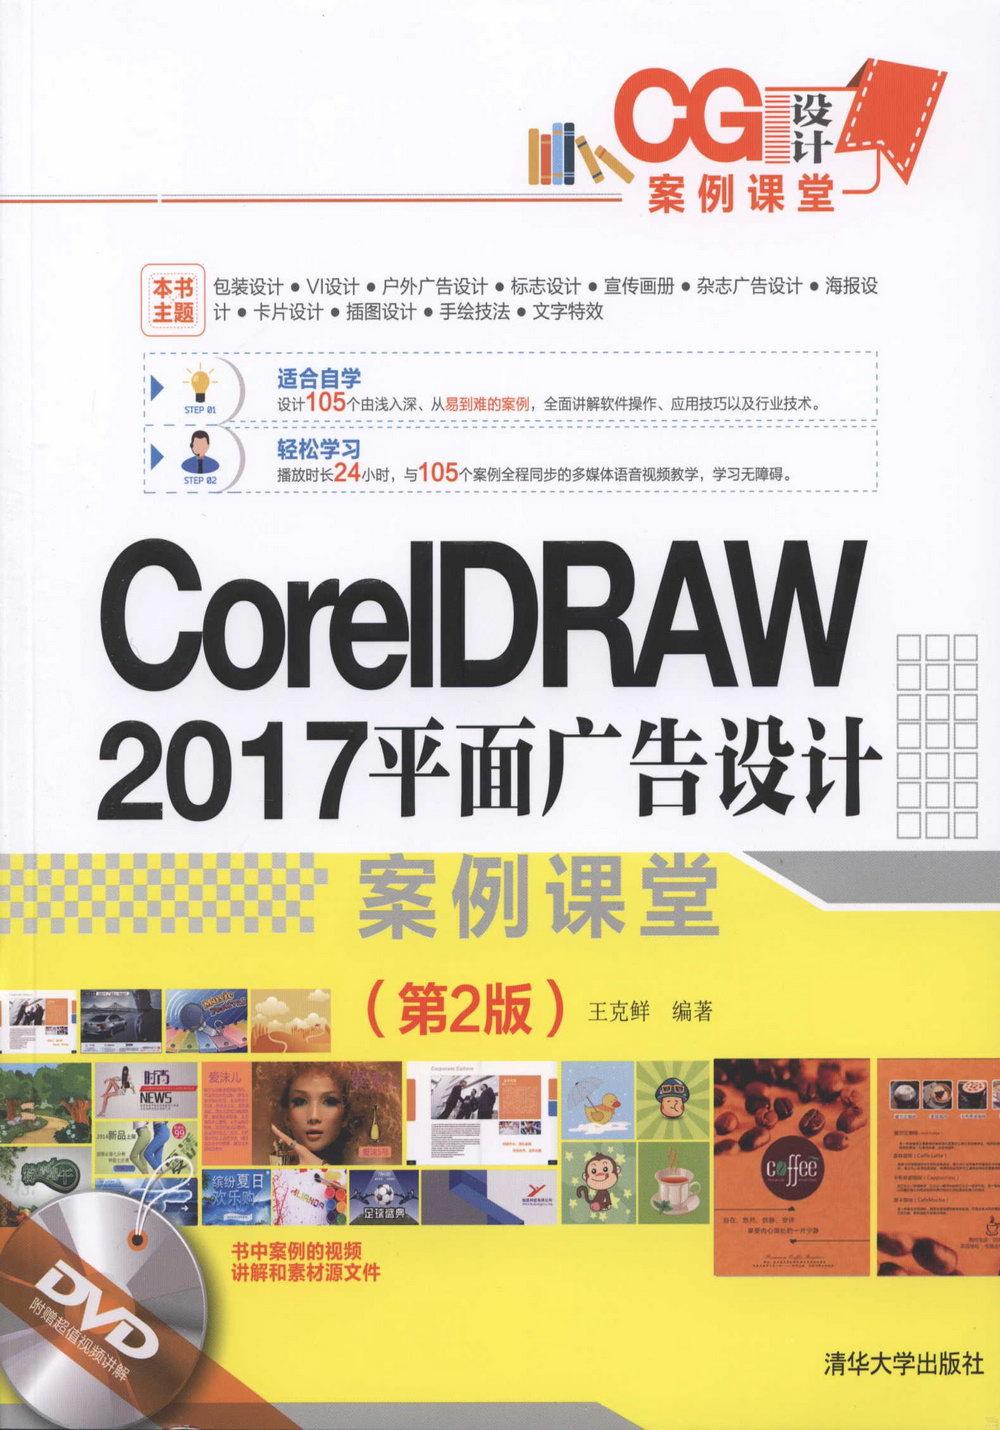 CorelDRAW 2017平面廣告設計案例課堂(第2版)